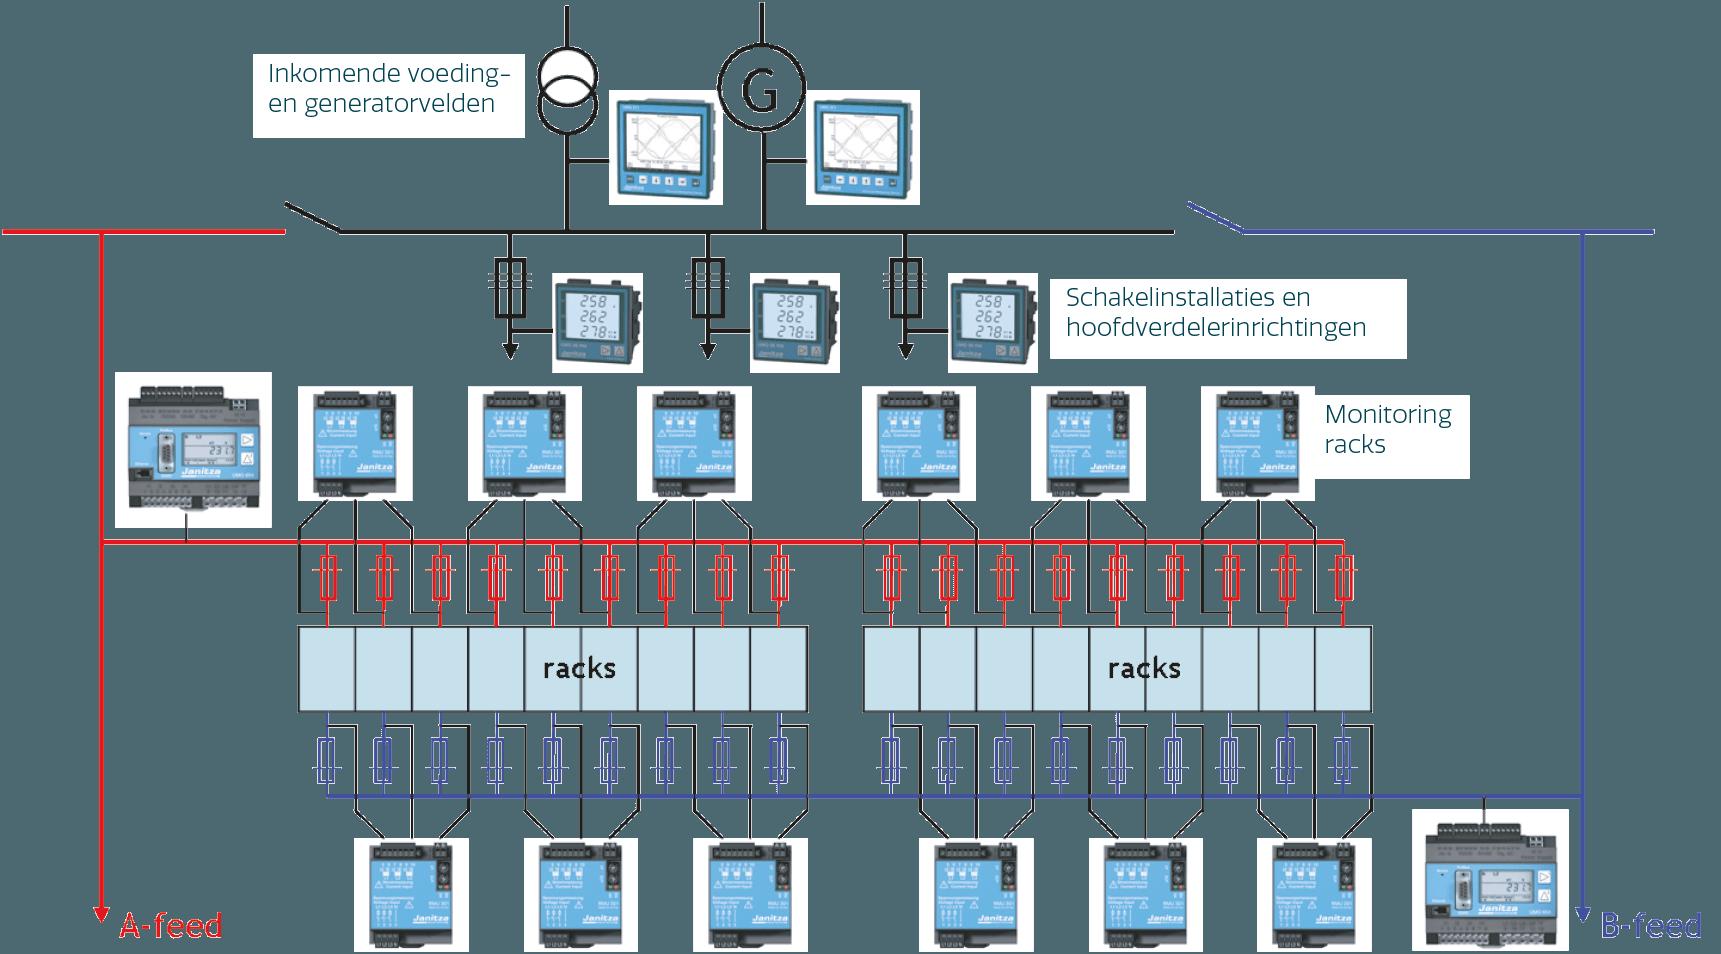 Voorbeeld van een meetplan in een datacenter